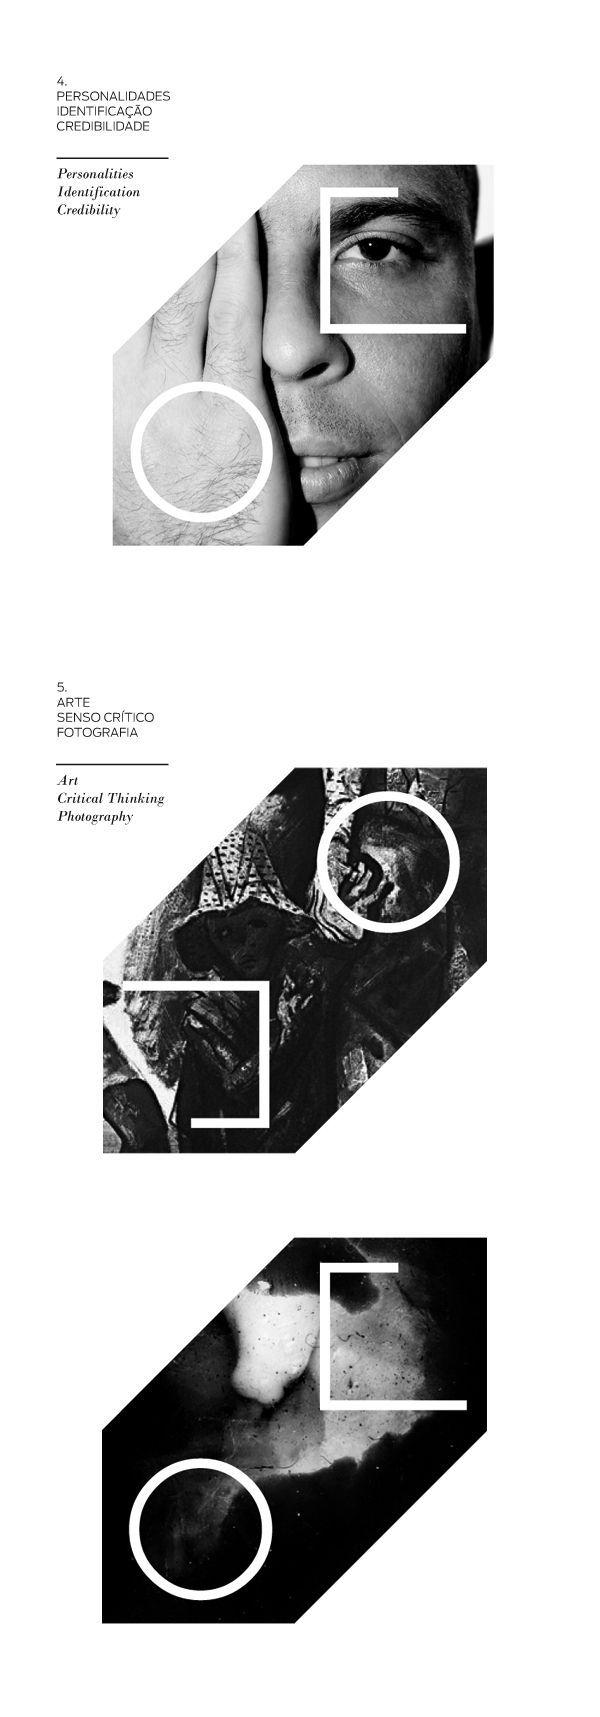 De Olho | Visual Identity by Pianofuzz , via Behance: